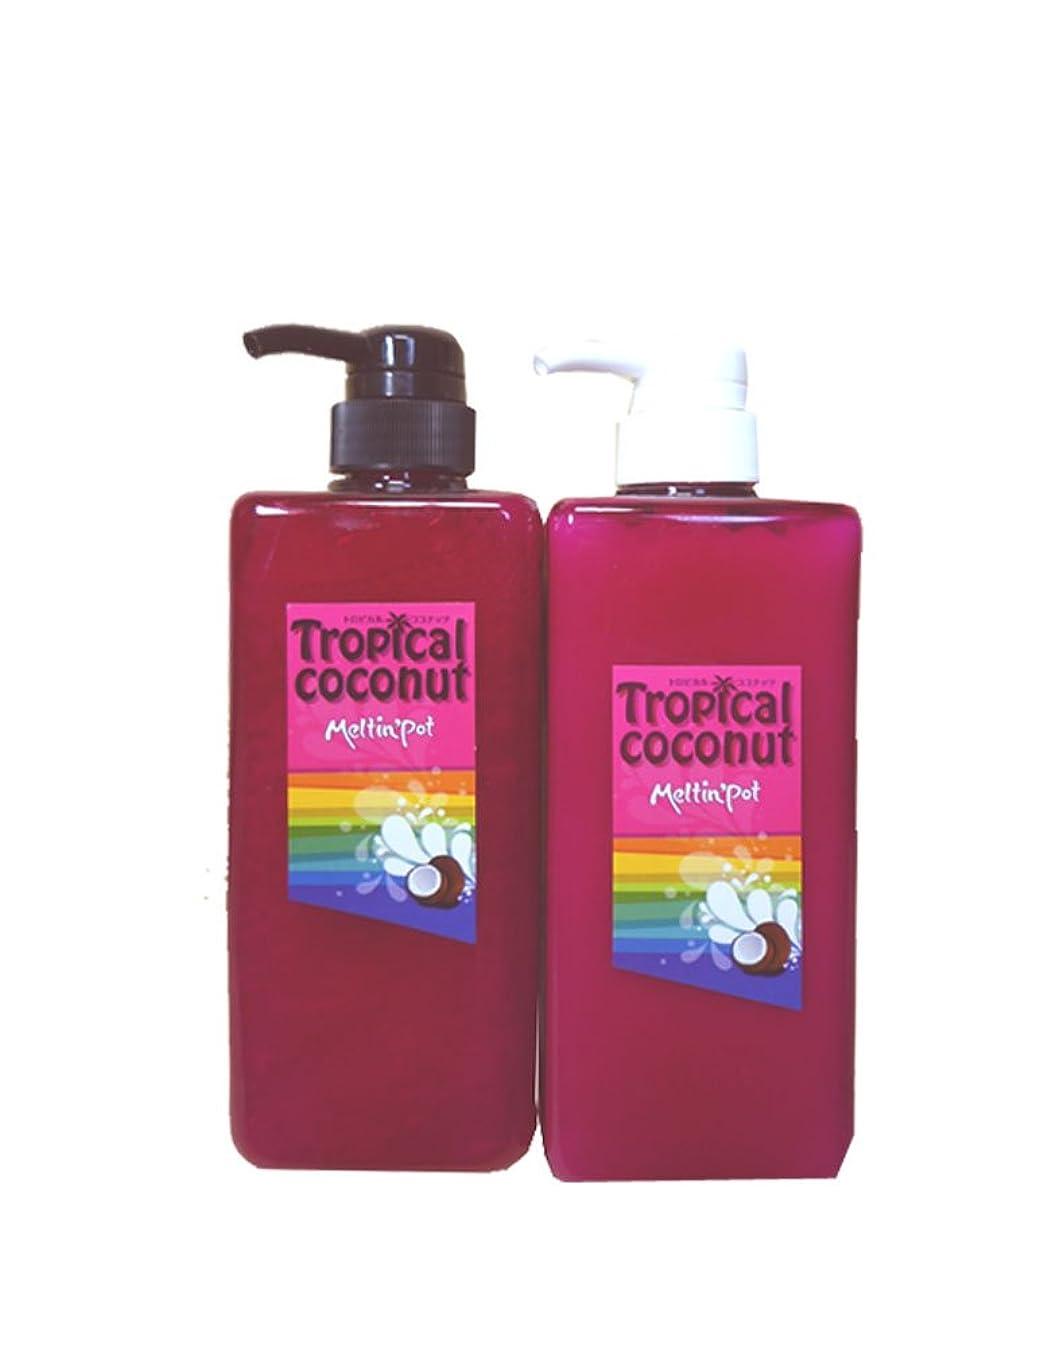 ブランド名ゼリー電気技師トロピカルココナッツ シャンプー&トリートメント 600ml*2  Tropical coconut shampoo&treatment